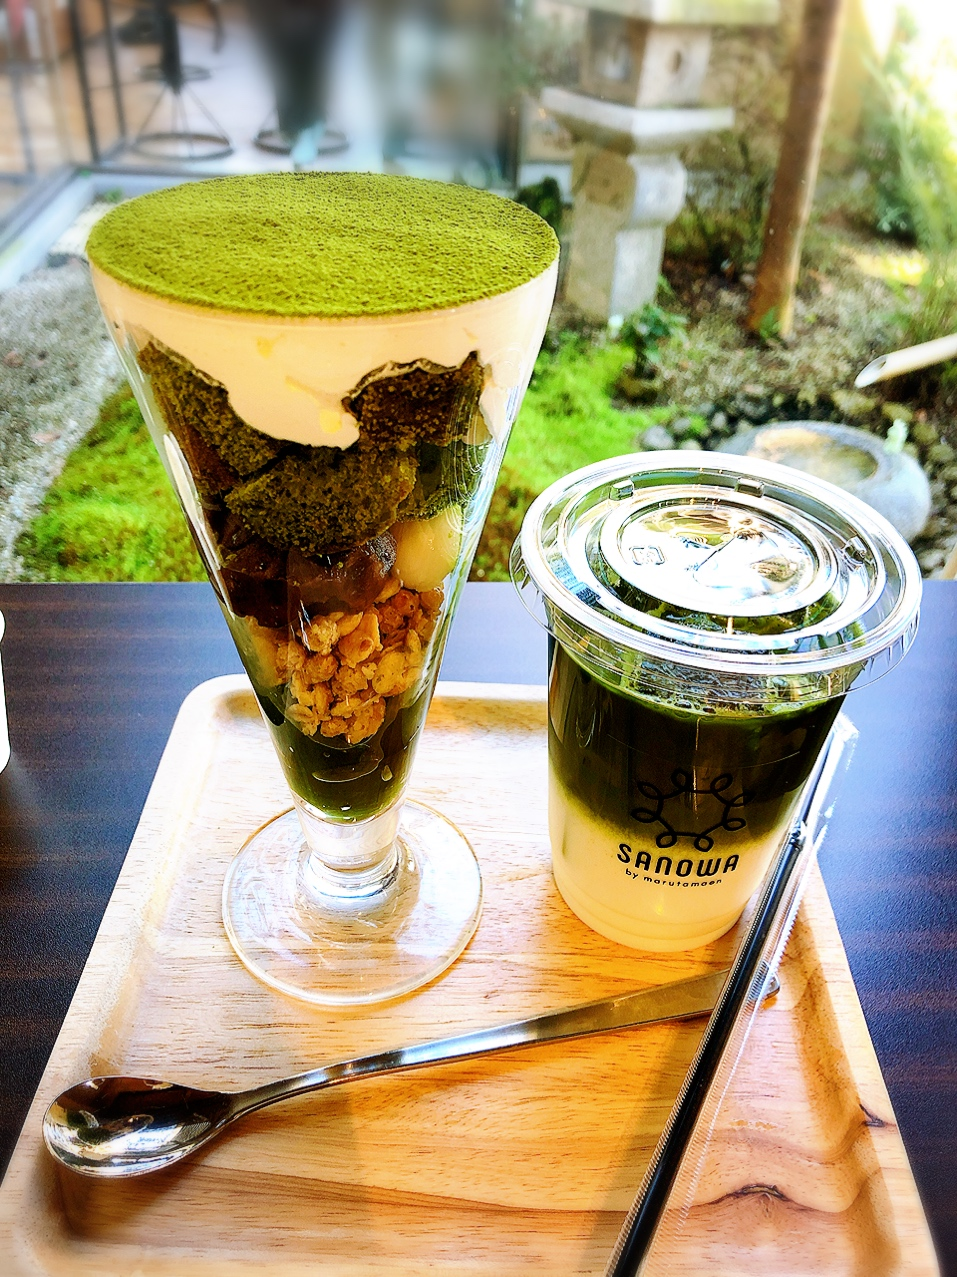 【#静岡】 ターゲットはMORE世代女子♩老舗お茶屋さんがプロデュースの濃厚抹茶スイーツがどれも超オススメ❁_4